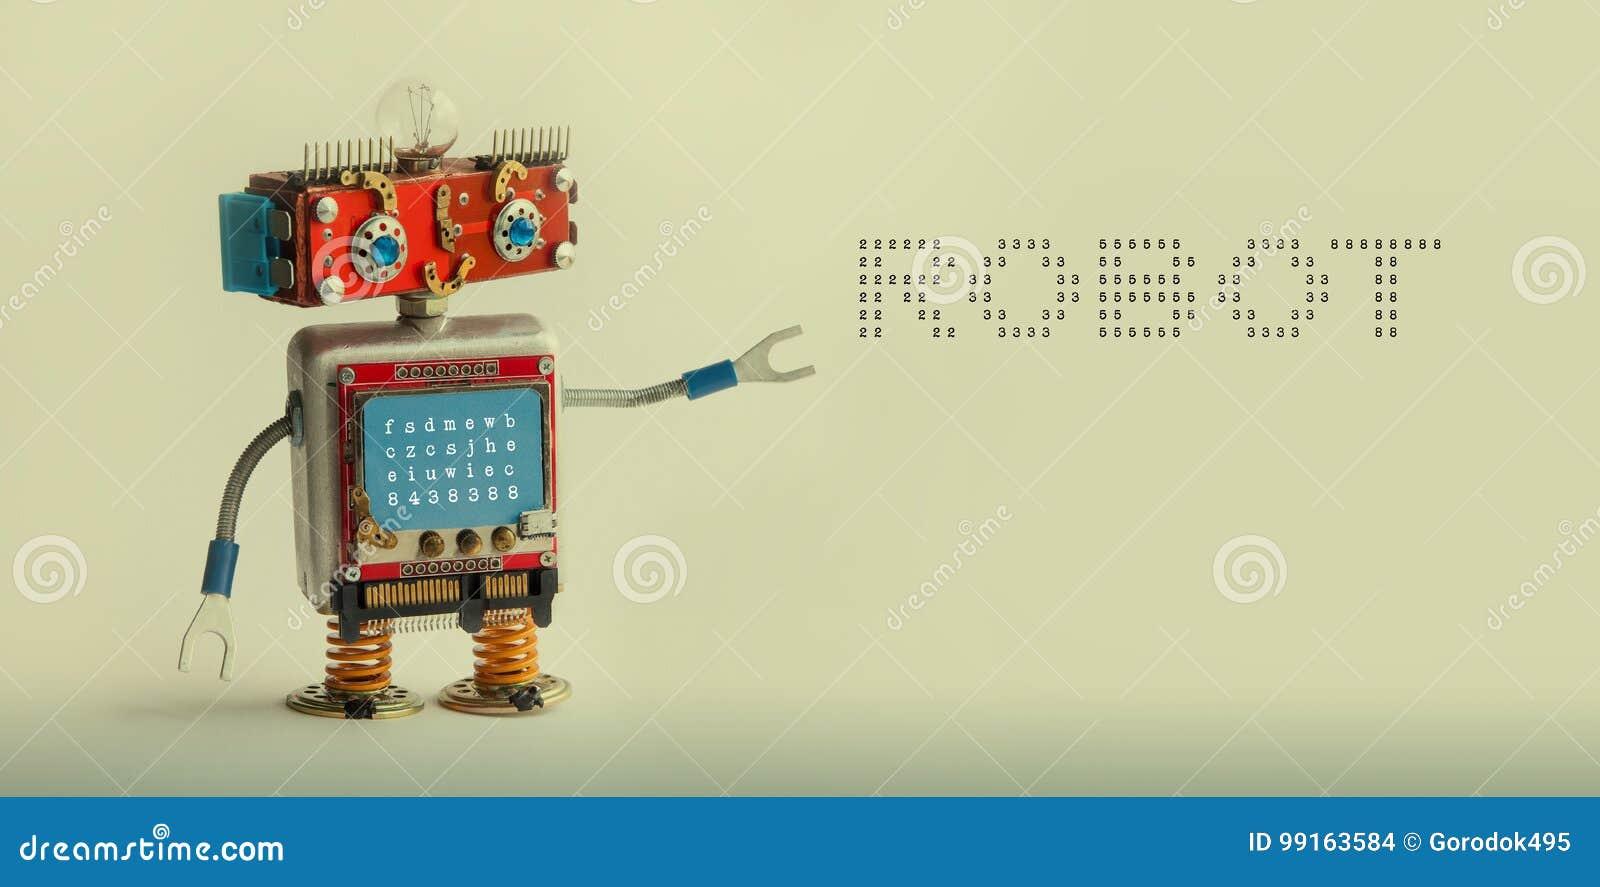 机器人技术概念 IT专家靠机械装置维持生命的人玩具,兴高采烈的红色顶头蓝色显示器身体 在灰棕色的机器人数字式消息